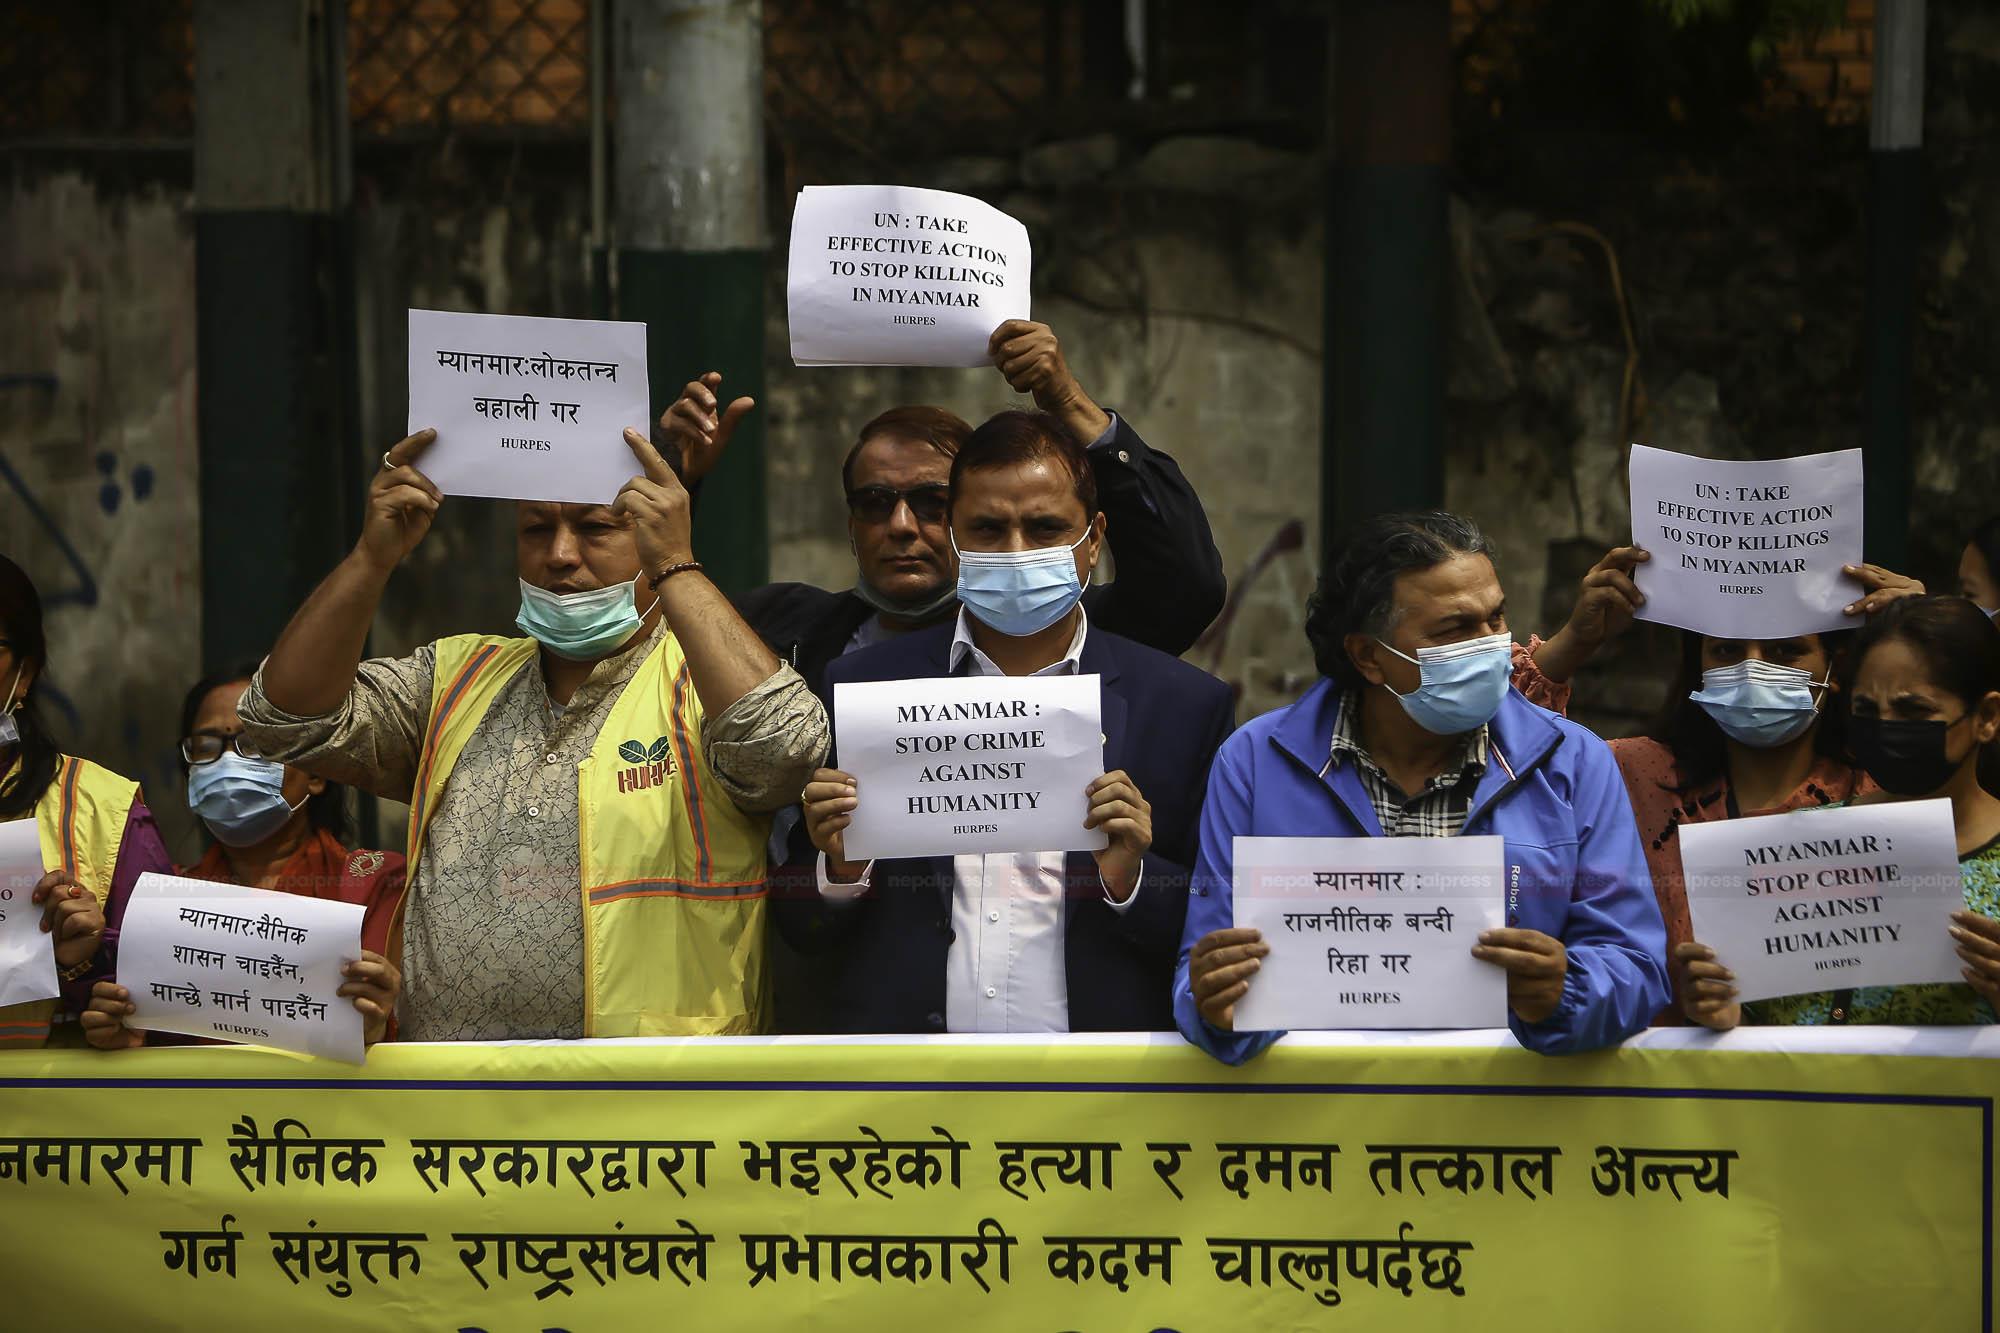 म्यानमार हिंसाविरुद्ध दूतावासअघि प्रदर्शन (तस्वीरहरु)